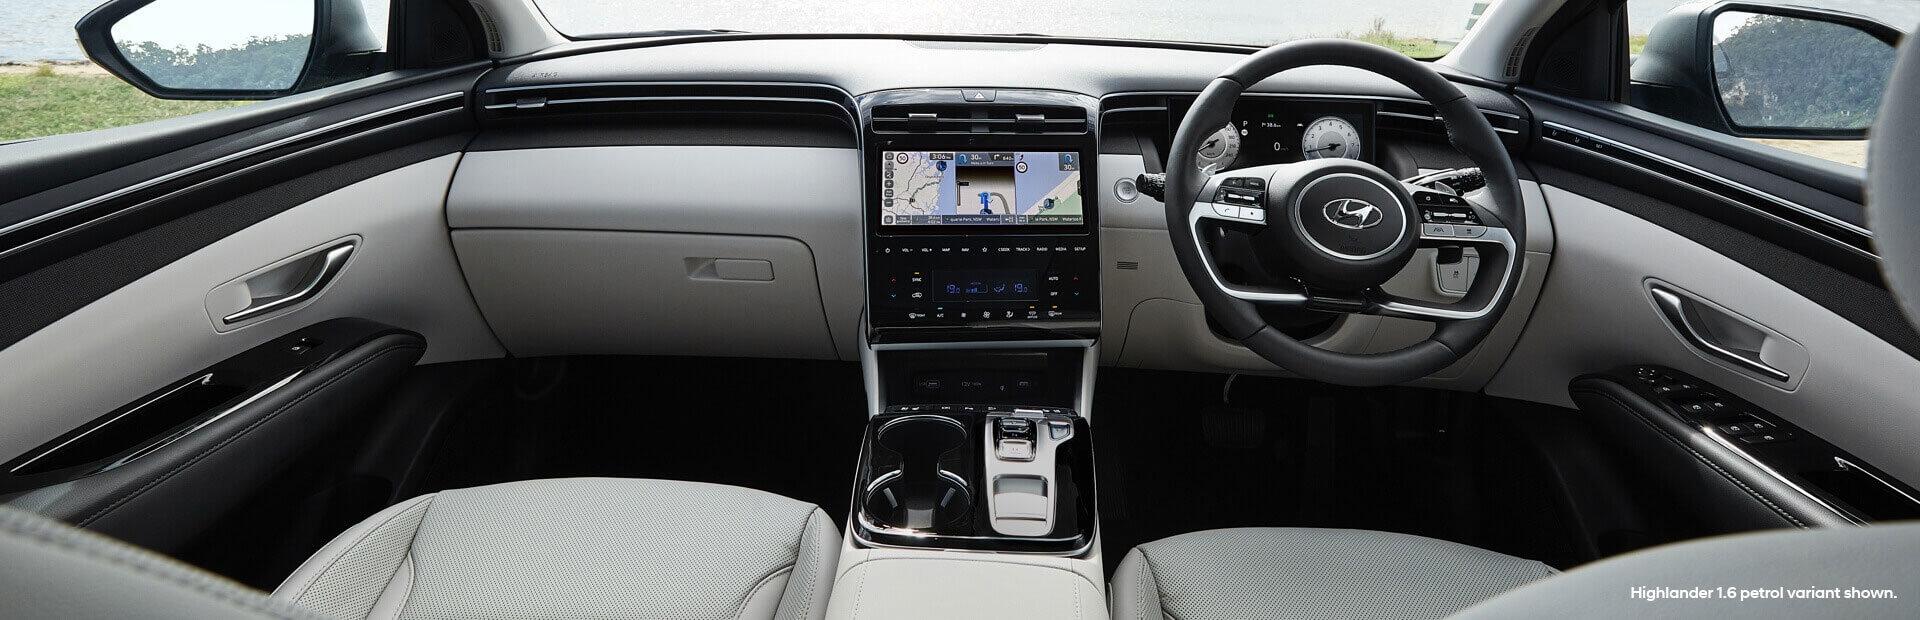 Hyundai Tuscon Interior Design